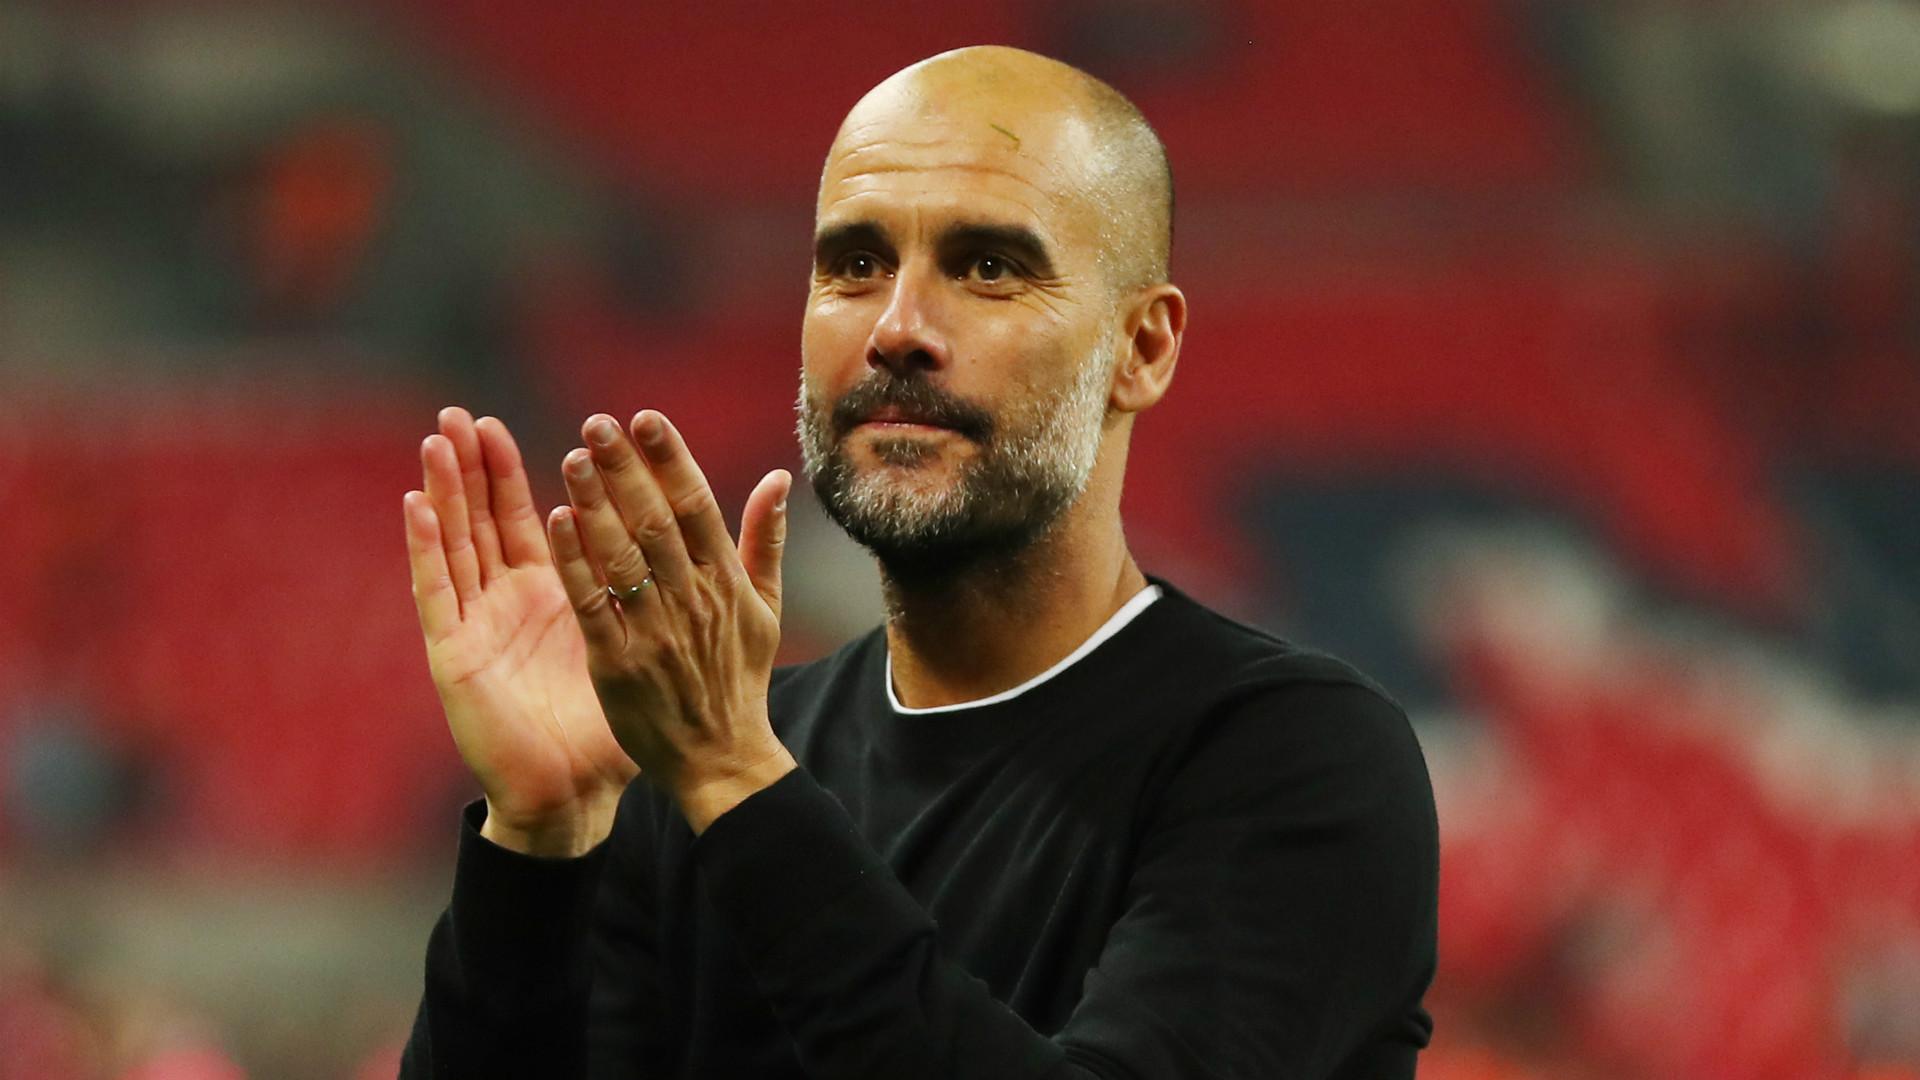 Pep Guardiola chính thức gia hạn hợp đồng với Manchester City đến 2021 - Bóng Đá